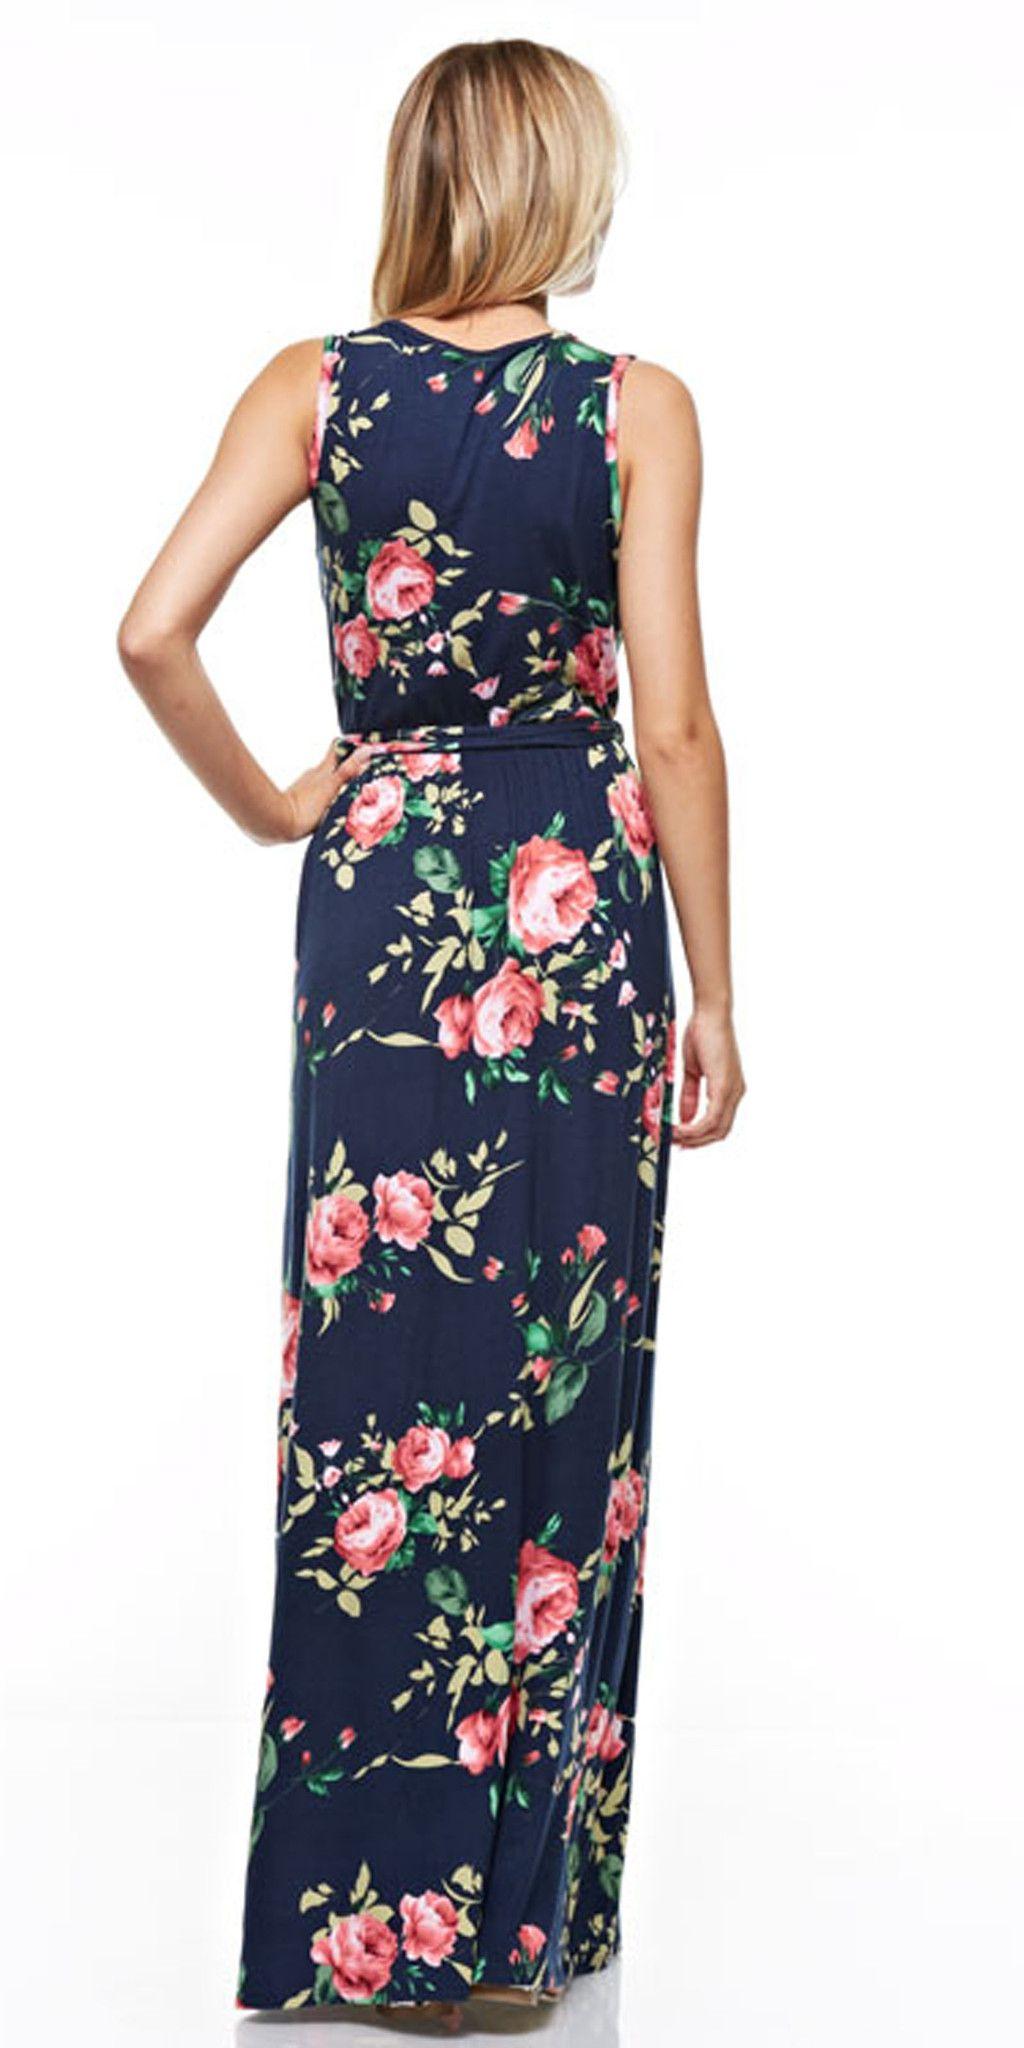 ec8f0f443f Sleeveless Floral Maxi Dress